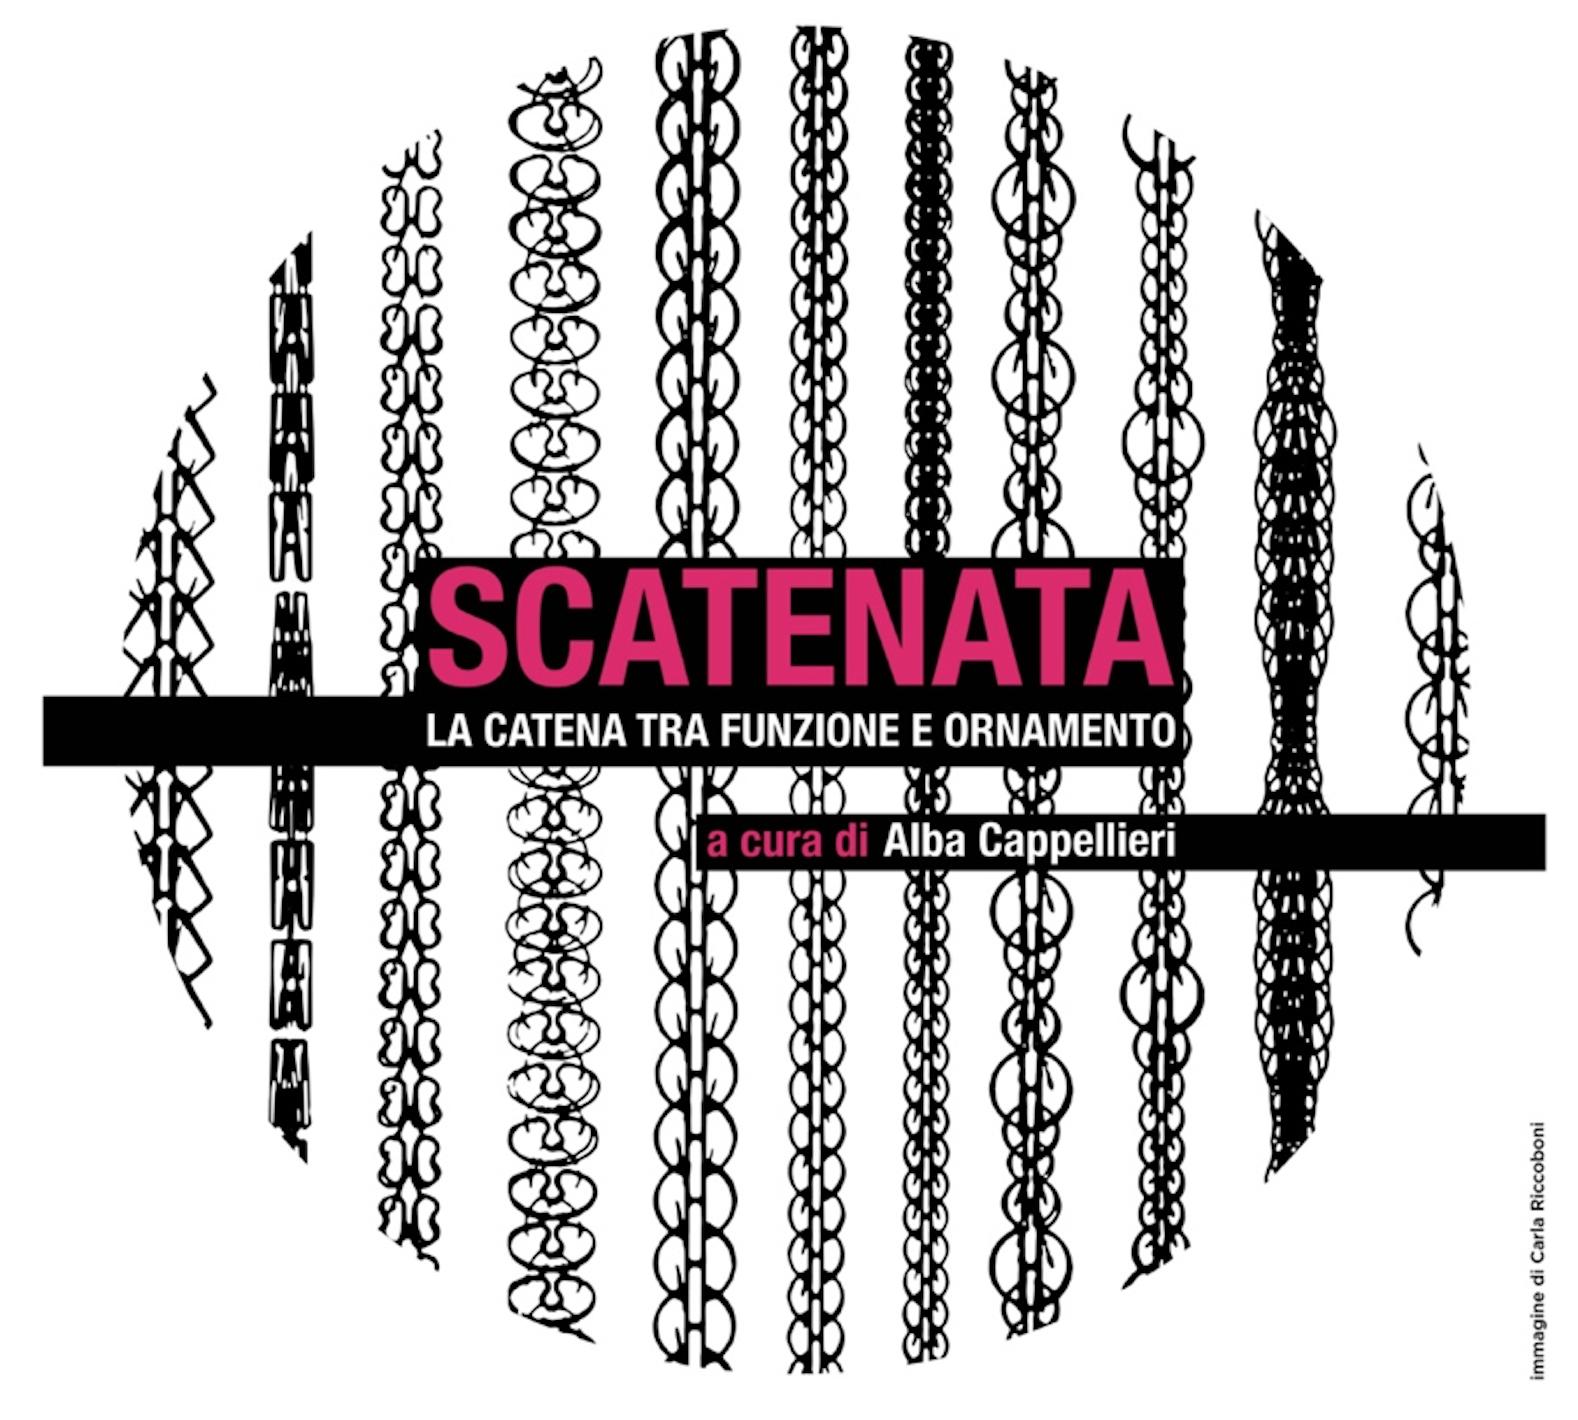 Scatenata_2017